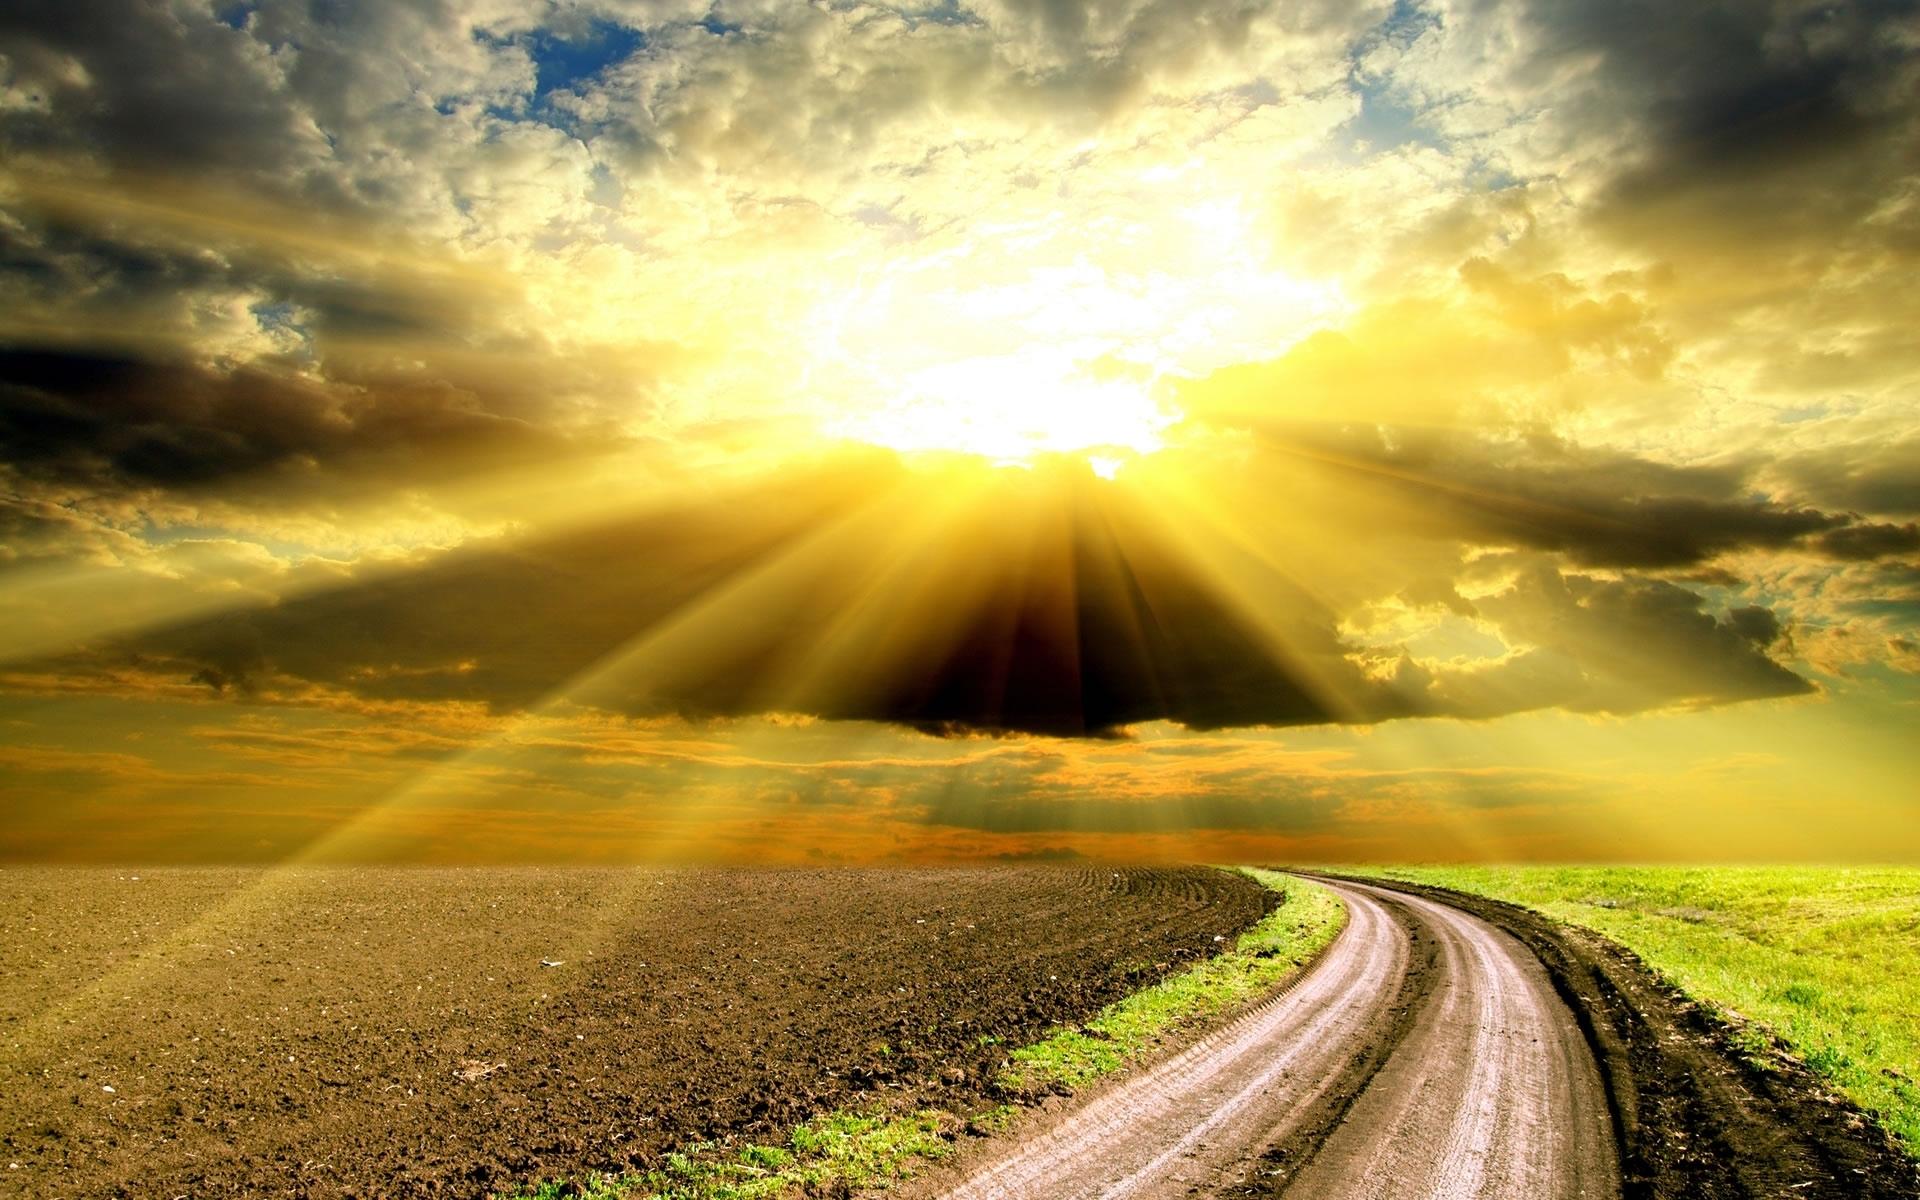 25543 скачать обои Пейзаж, Поля, Небо, Дороги, Солнце, Облака - заставки и картинки бесплатно